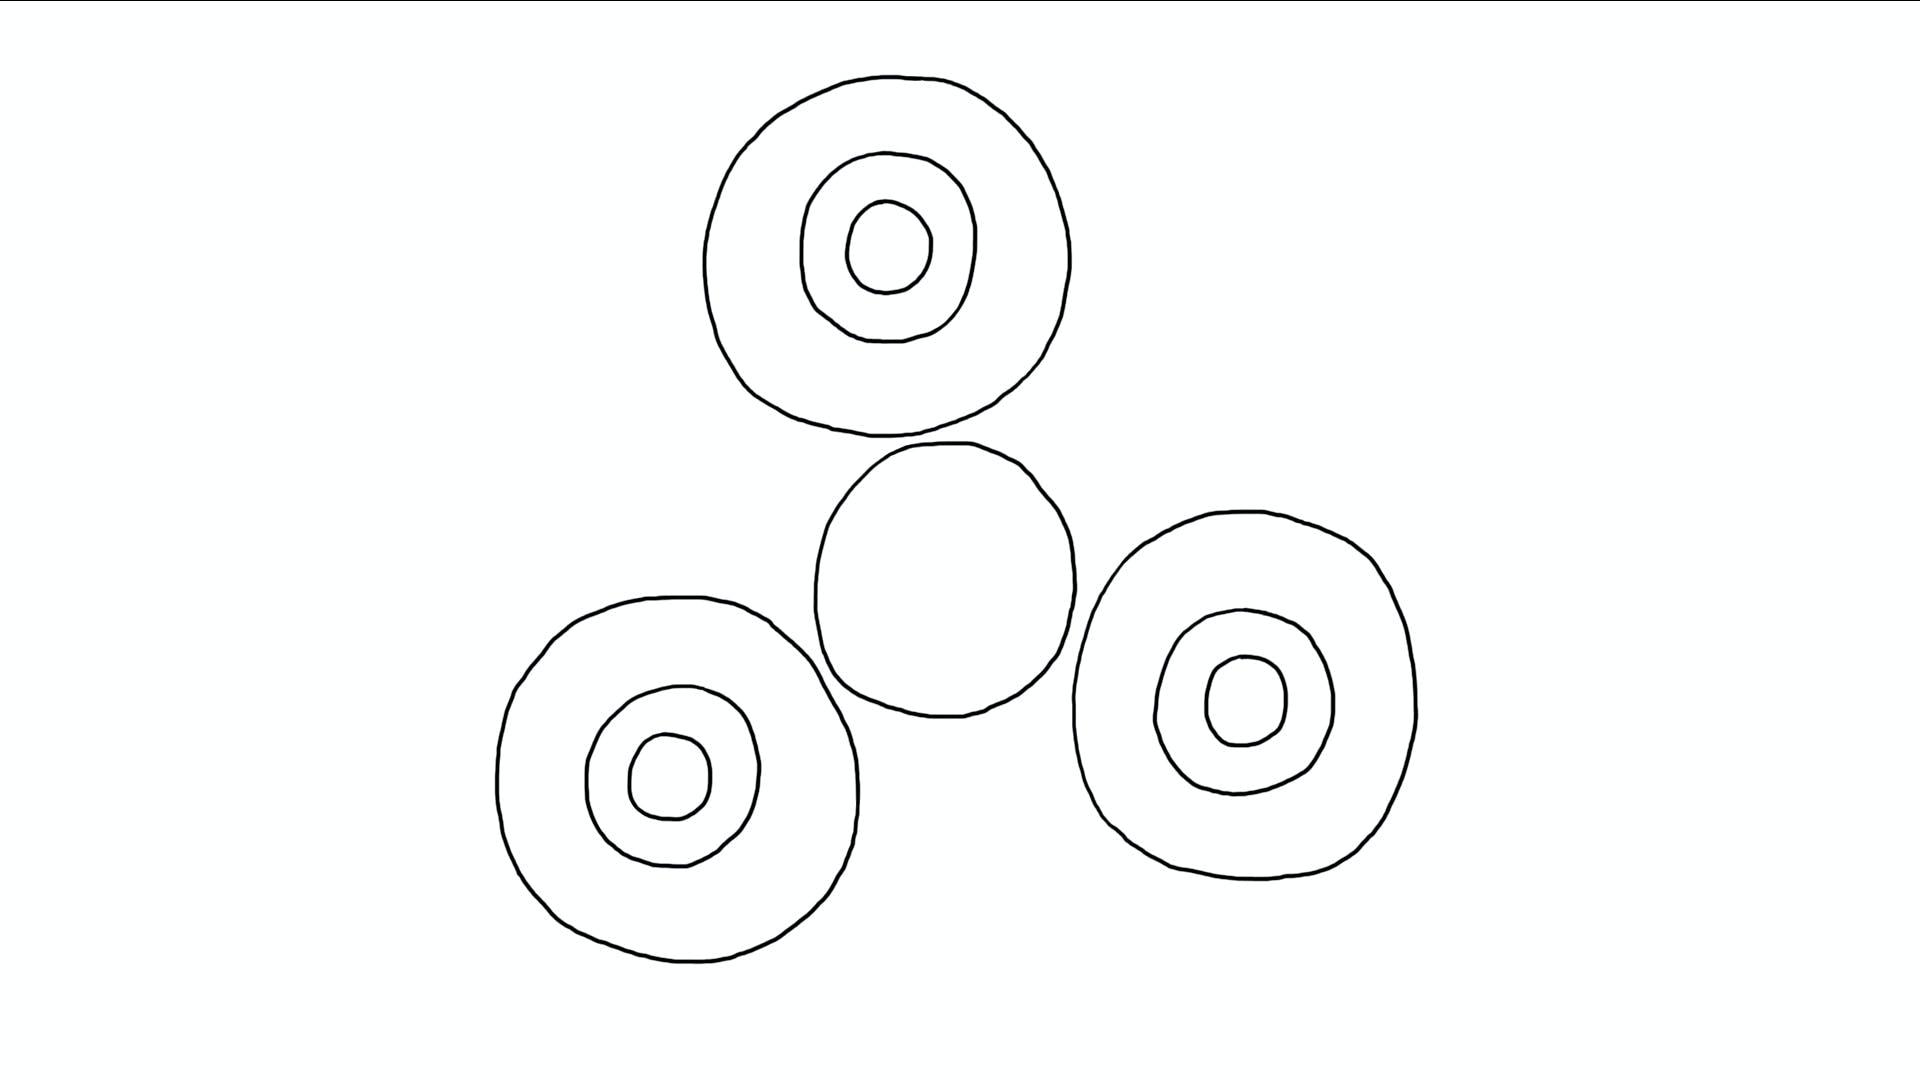 A forming fidget spinner